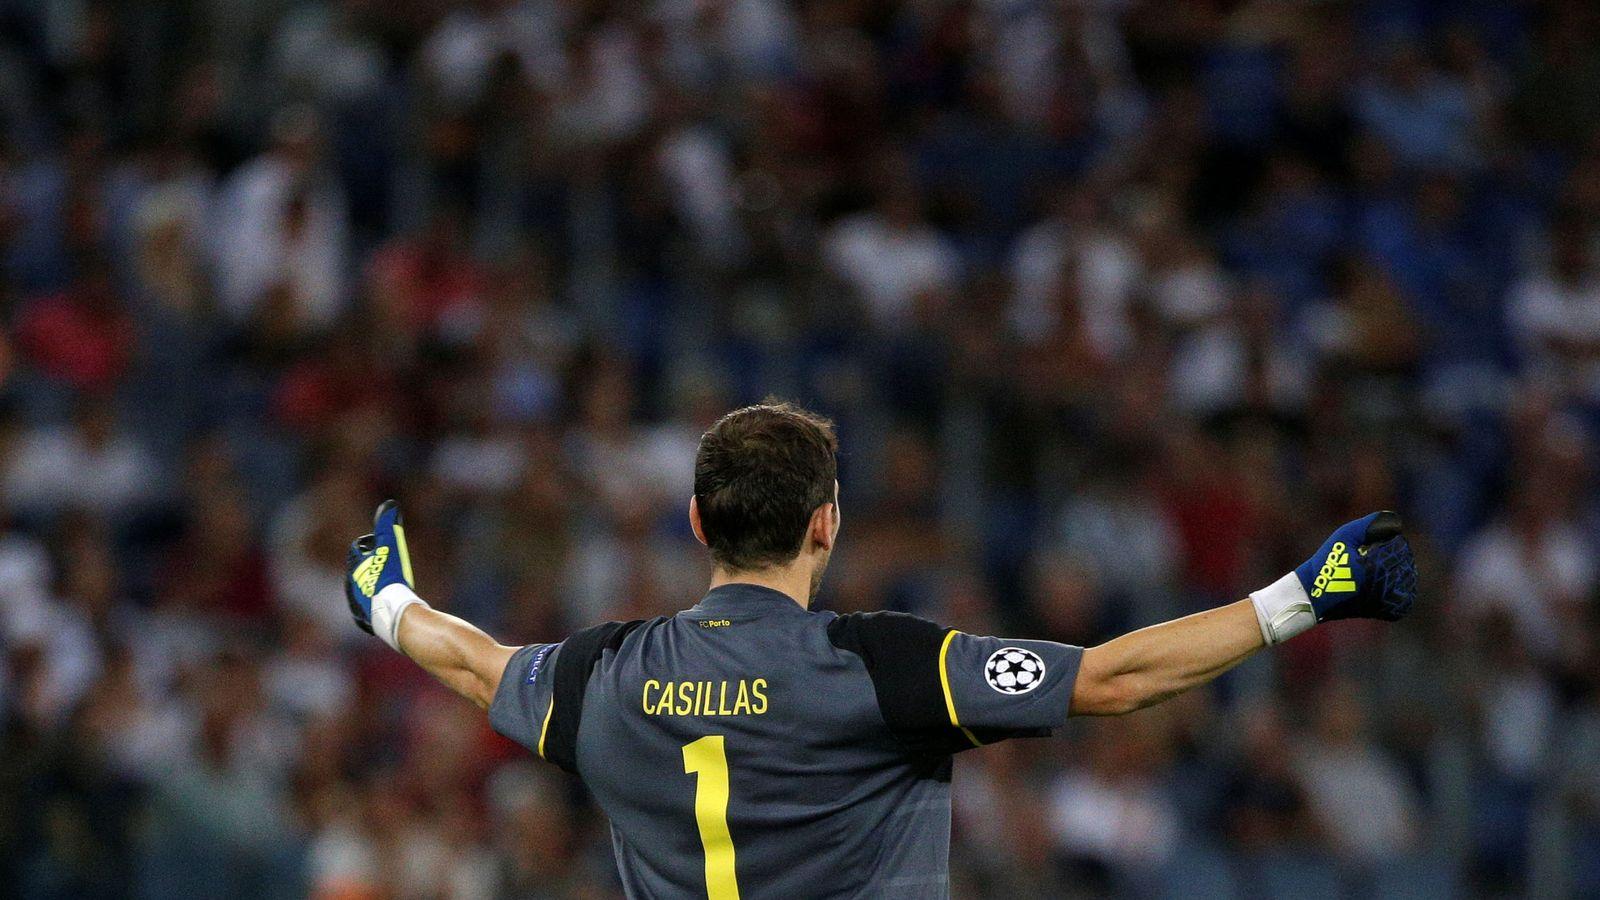 Foto: Casillas, en el partido de Champions contra la Roma. (REUTERS)